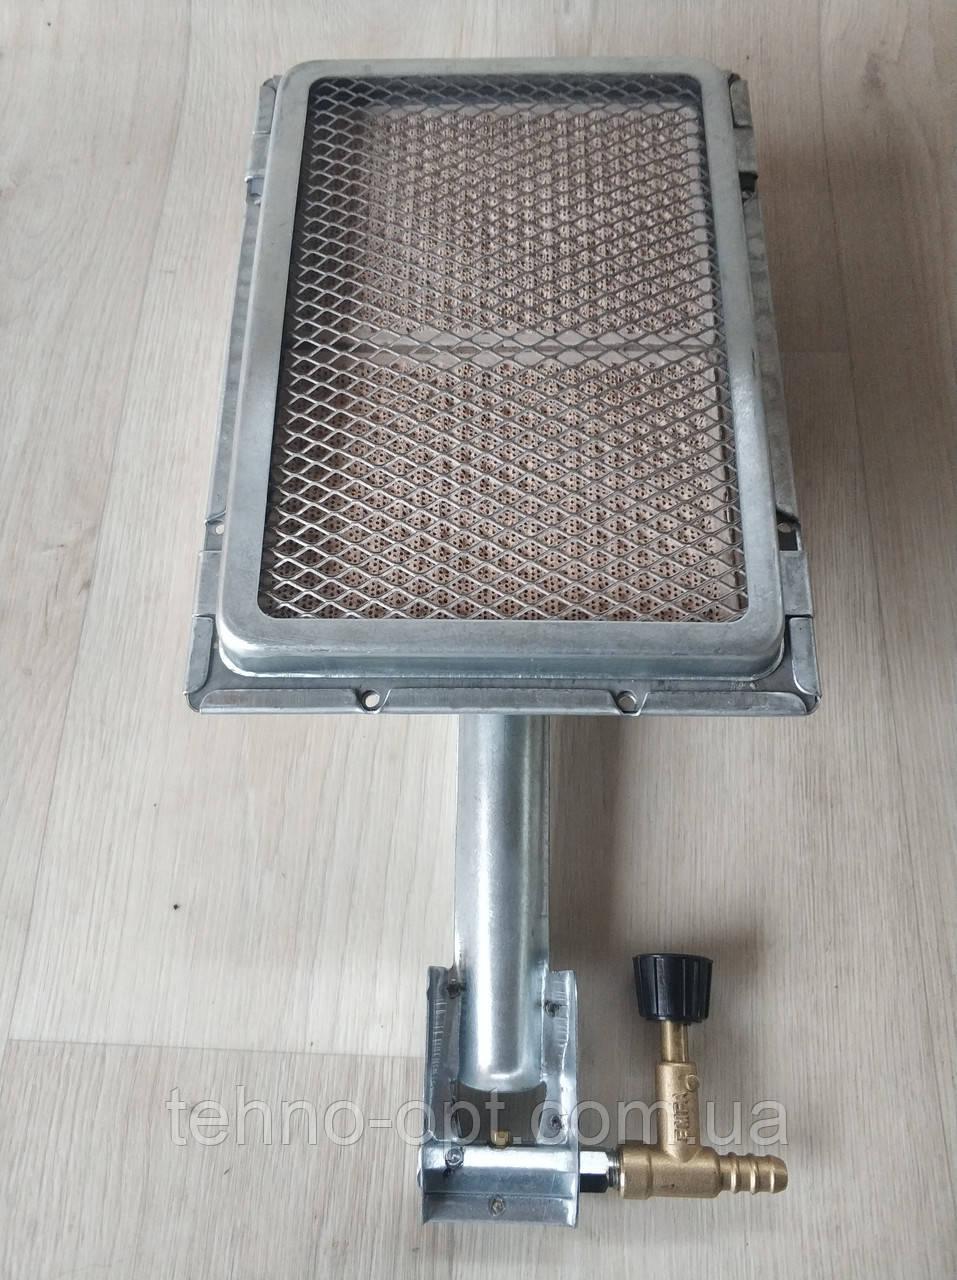 Газовий інфрачервоний обігрівач MIR Туреччина 3 КВТ (газовий пальник)